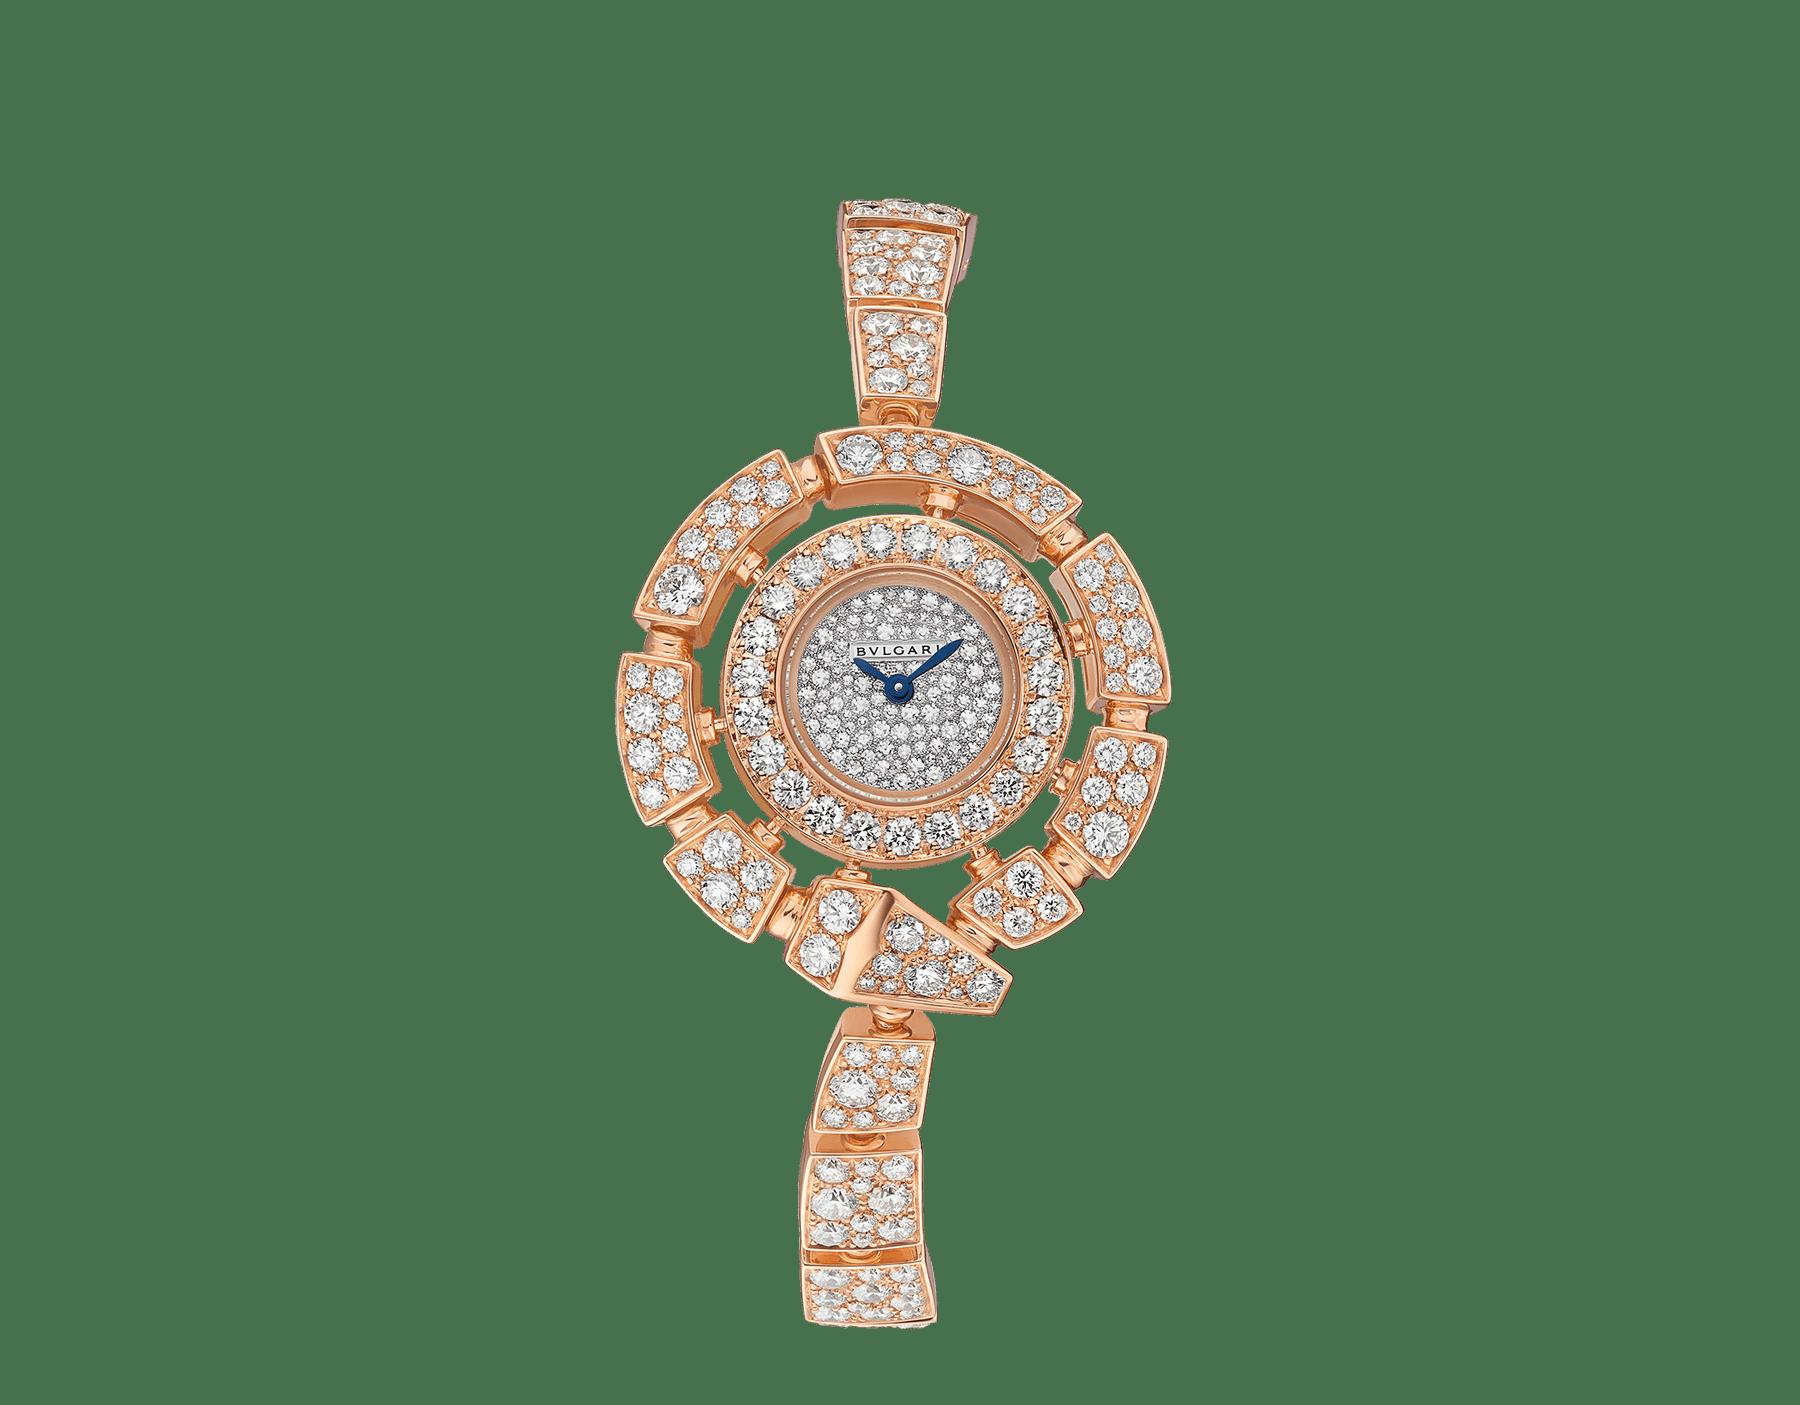 Montre Serpenti Incantati avec boîtier et bracelet en or rose 18K sertis de diamants taille brillant, cadran pavé diamants en serti «neige». 102673 image 1